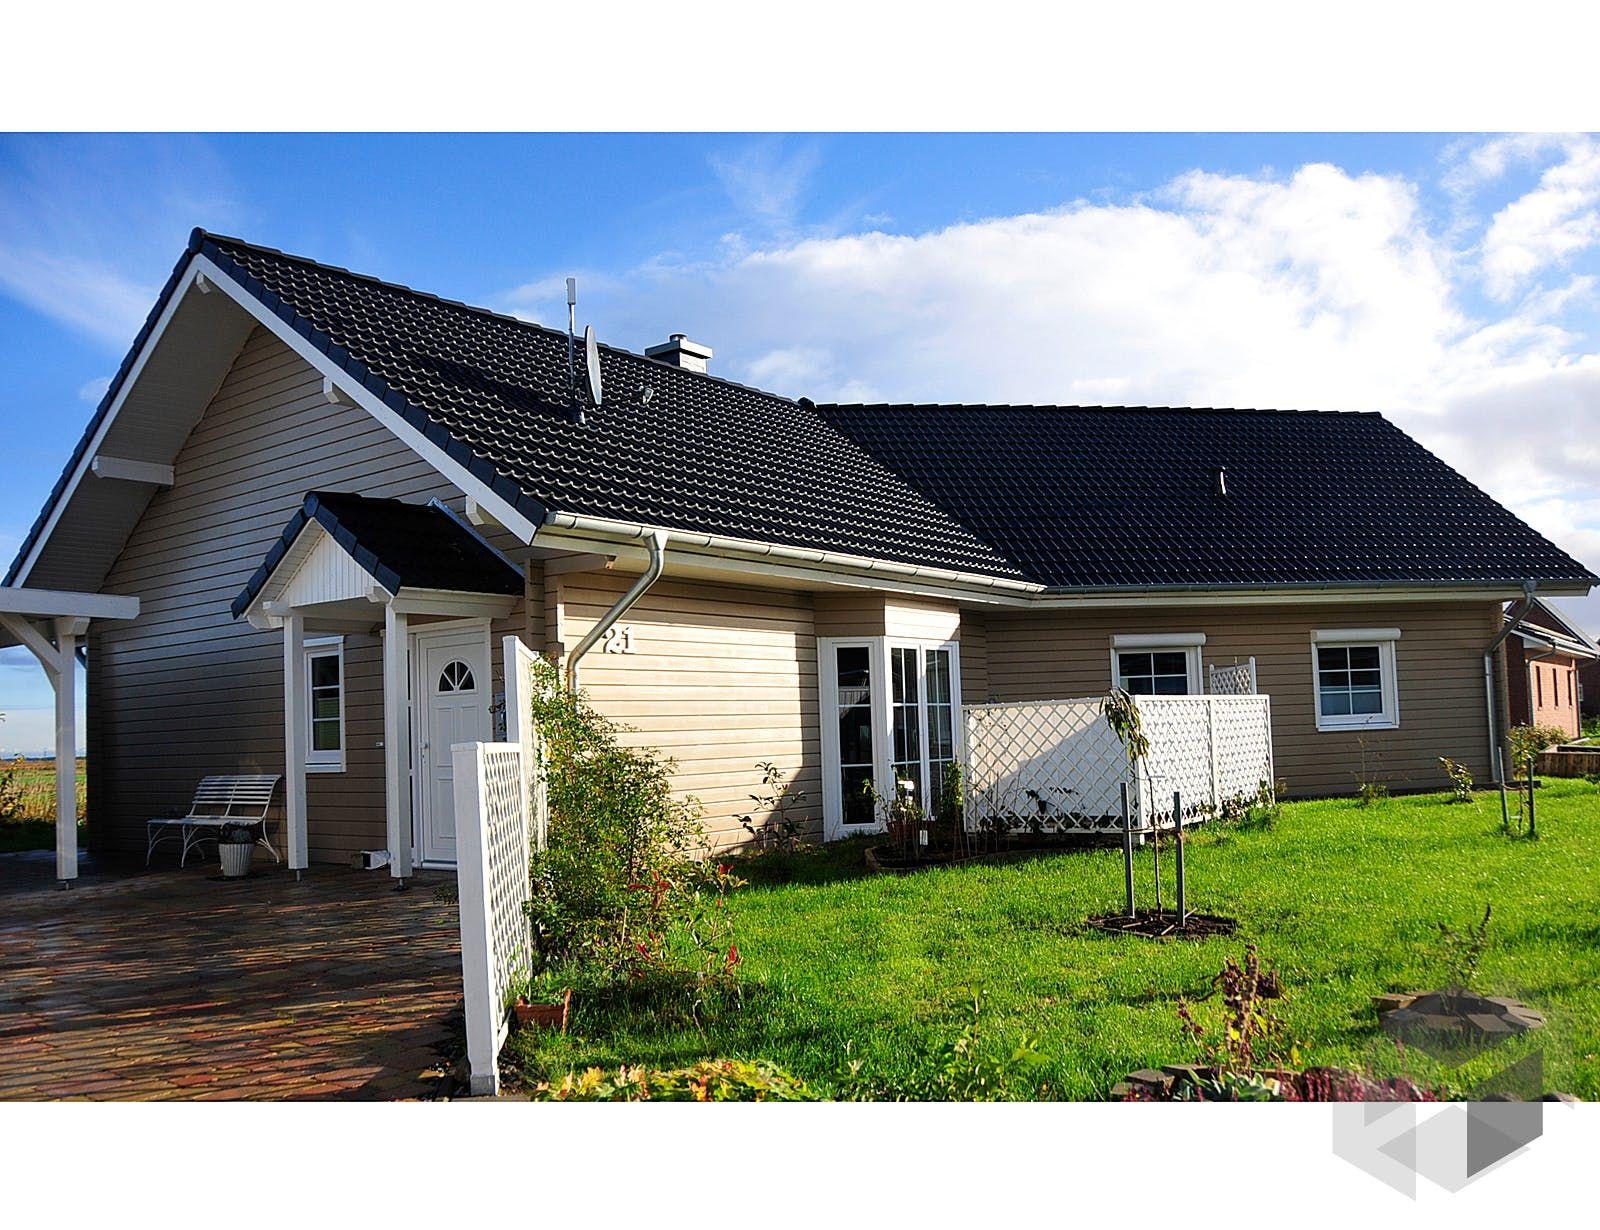 Silkeborg Von Fjorborg Häuser Alle Haustypen Beste